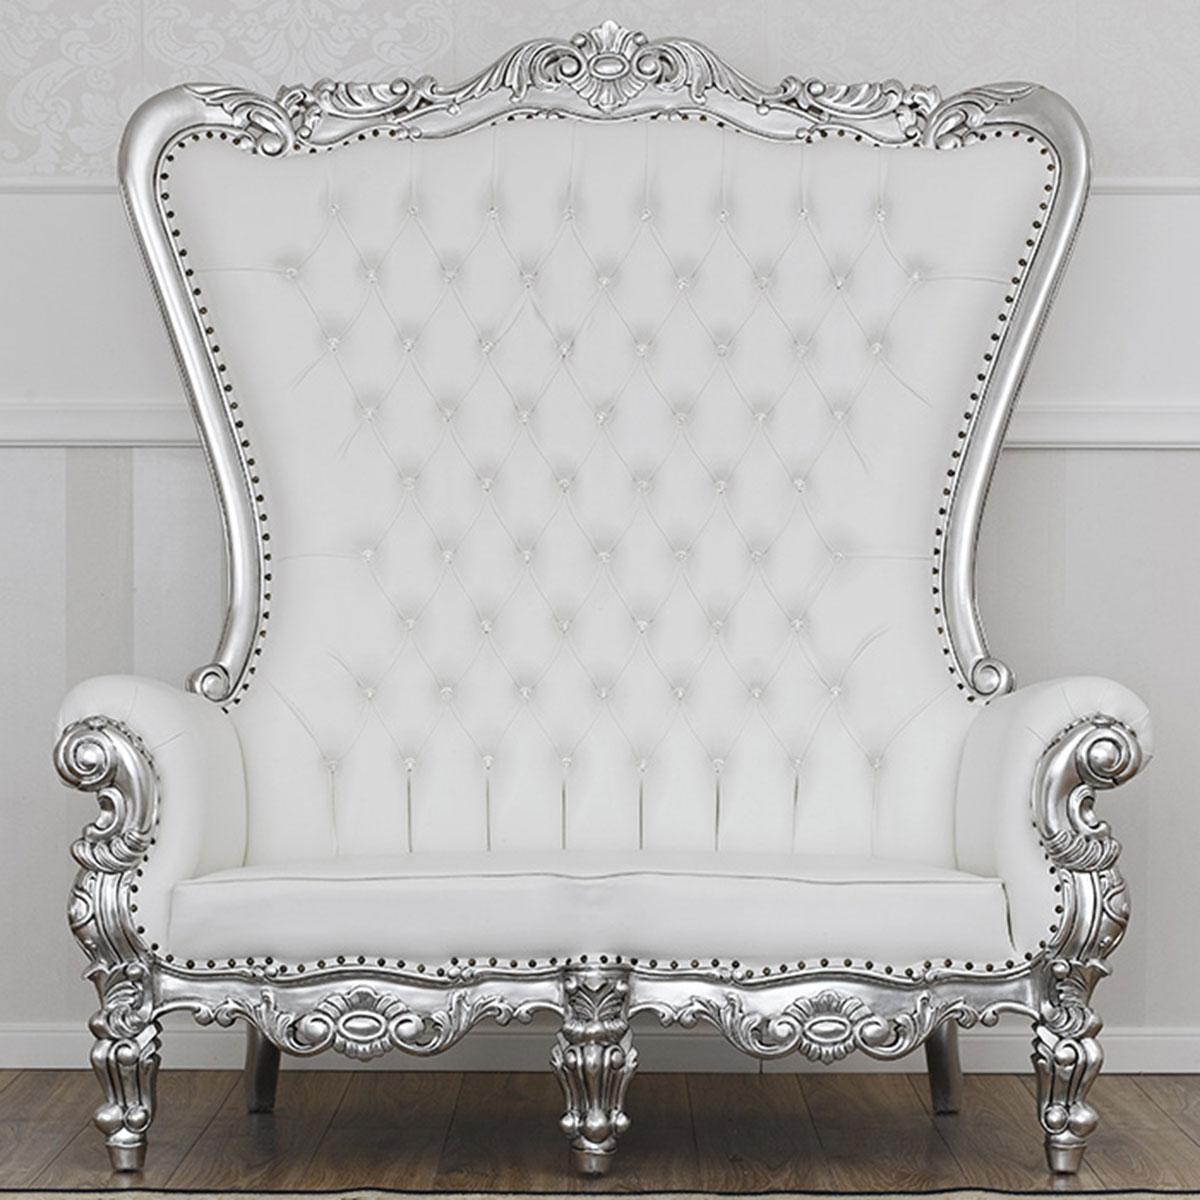 Divano regina stile barocco moderno foglia argento for Divano barocco